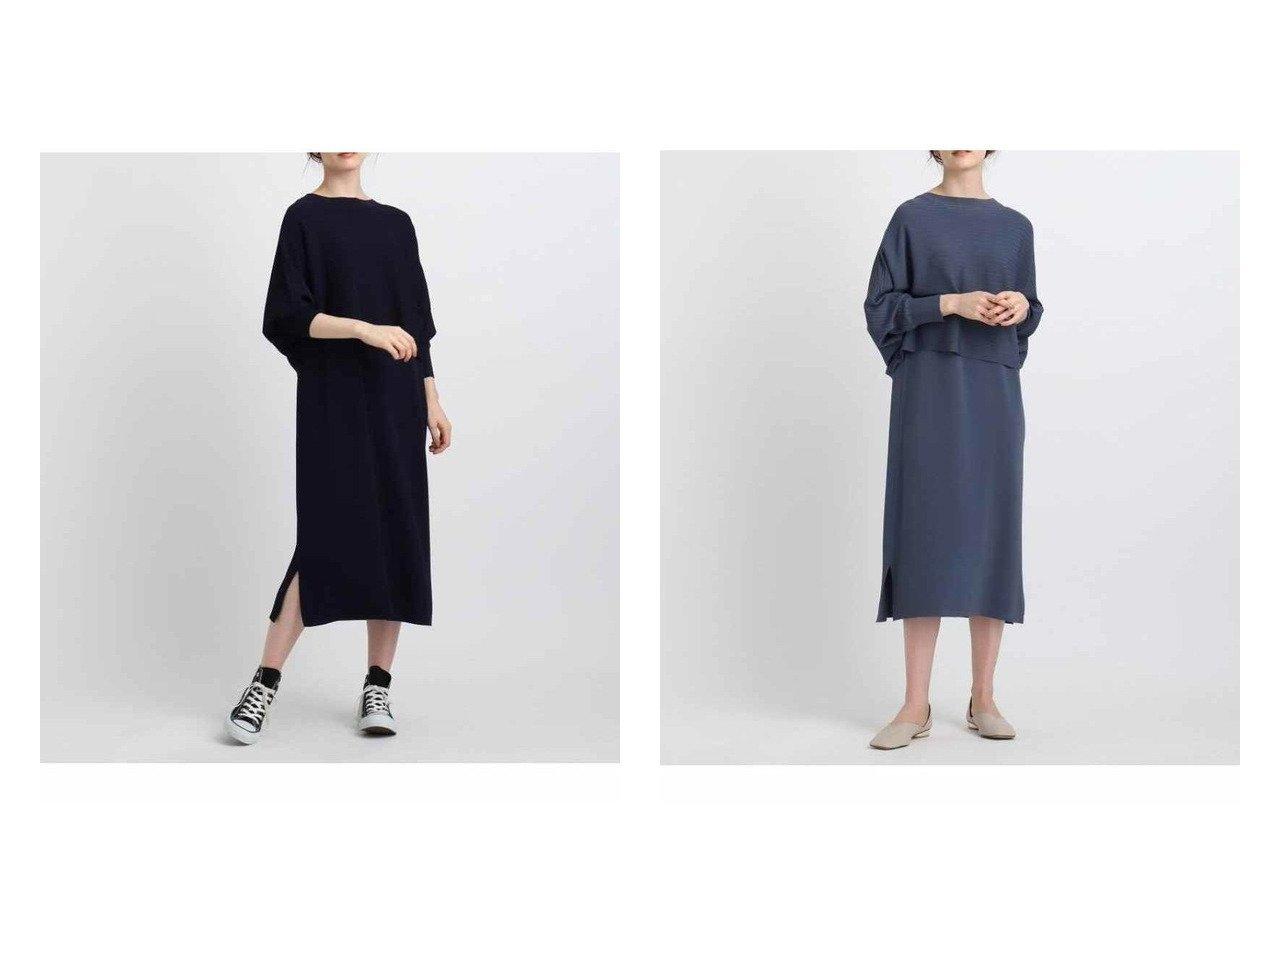 【INDIVI/インディヴィ】の【2点セット】クロップドニット レイヤードワンピース 【ワンピース・ドレス】おすすめ!人気、トレンド・レディースファッションの通販 おすすめで人気の流行・トレンド、ファッションの通販商品 インテリア・家具・メンズファッション・キッズファッション・レディースファッション・服の通販 founy(ファニー) https://founy.com/ ファッション Fashion レディースファッション WOMEN ワンピース Dress インナー クロップド スリット セパレート ドレープ フェミニン ボレロ ワイド |ID:crp329100000071269